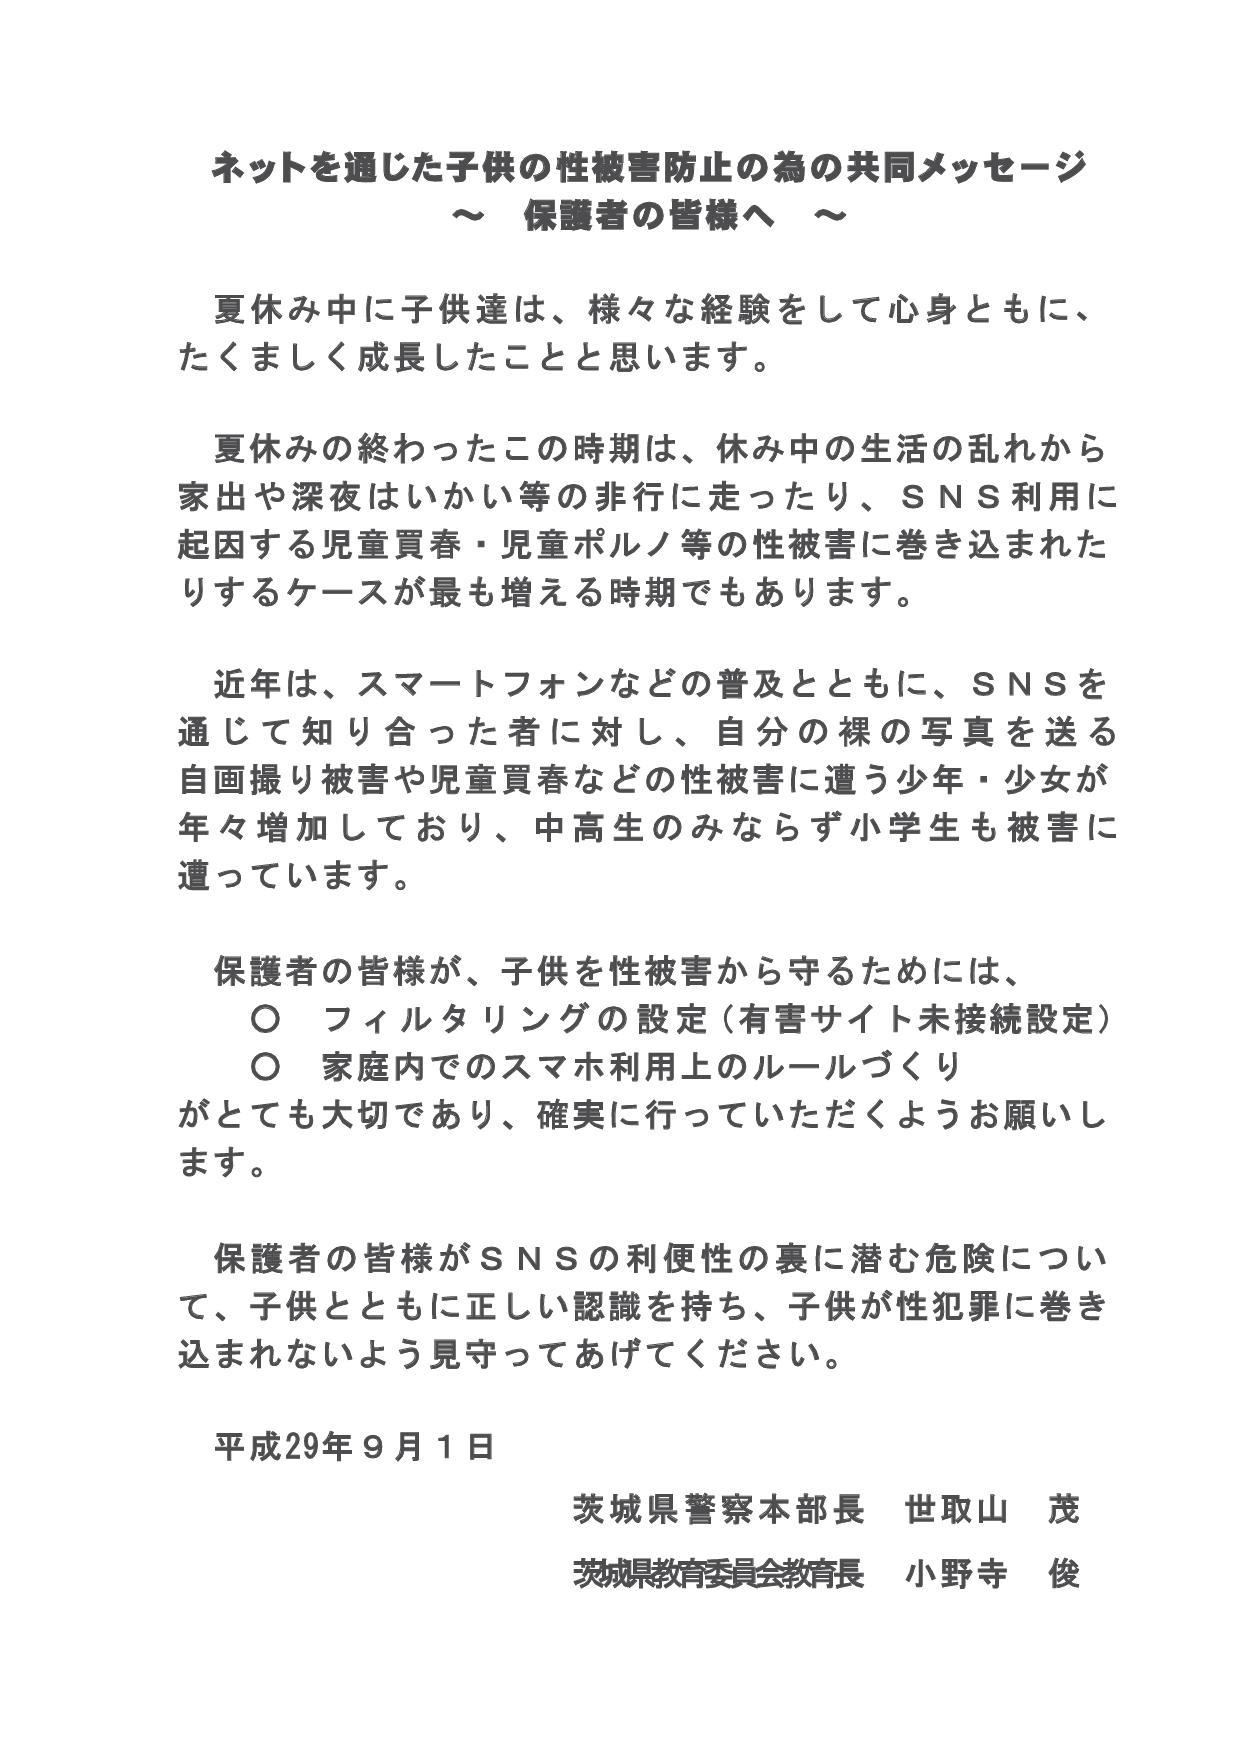 共同メッセージ【保護者】\